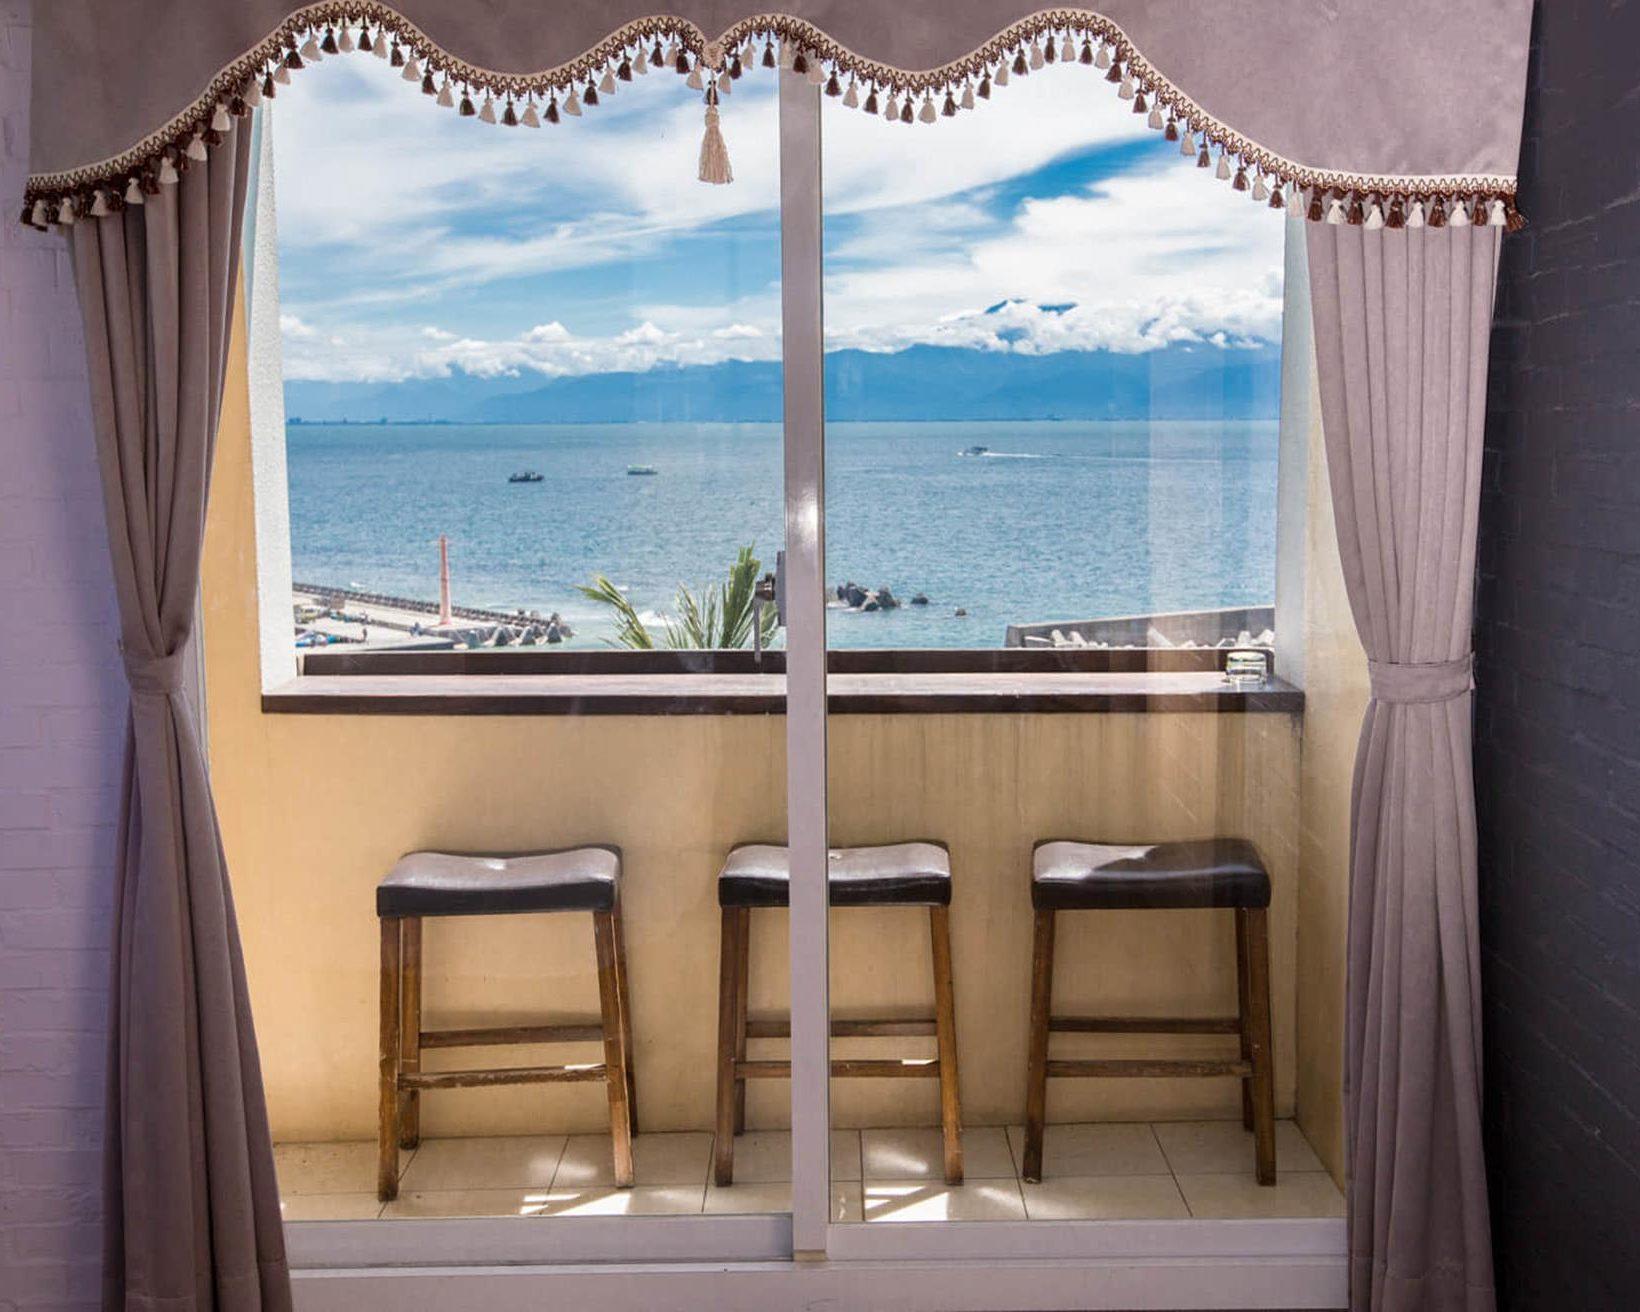 【小琉球海景民宿】網友好評!不用出國也能享受海景渡假風的小琉球住宿